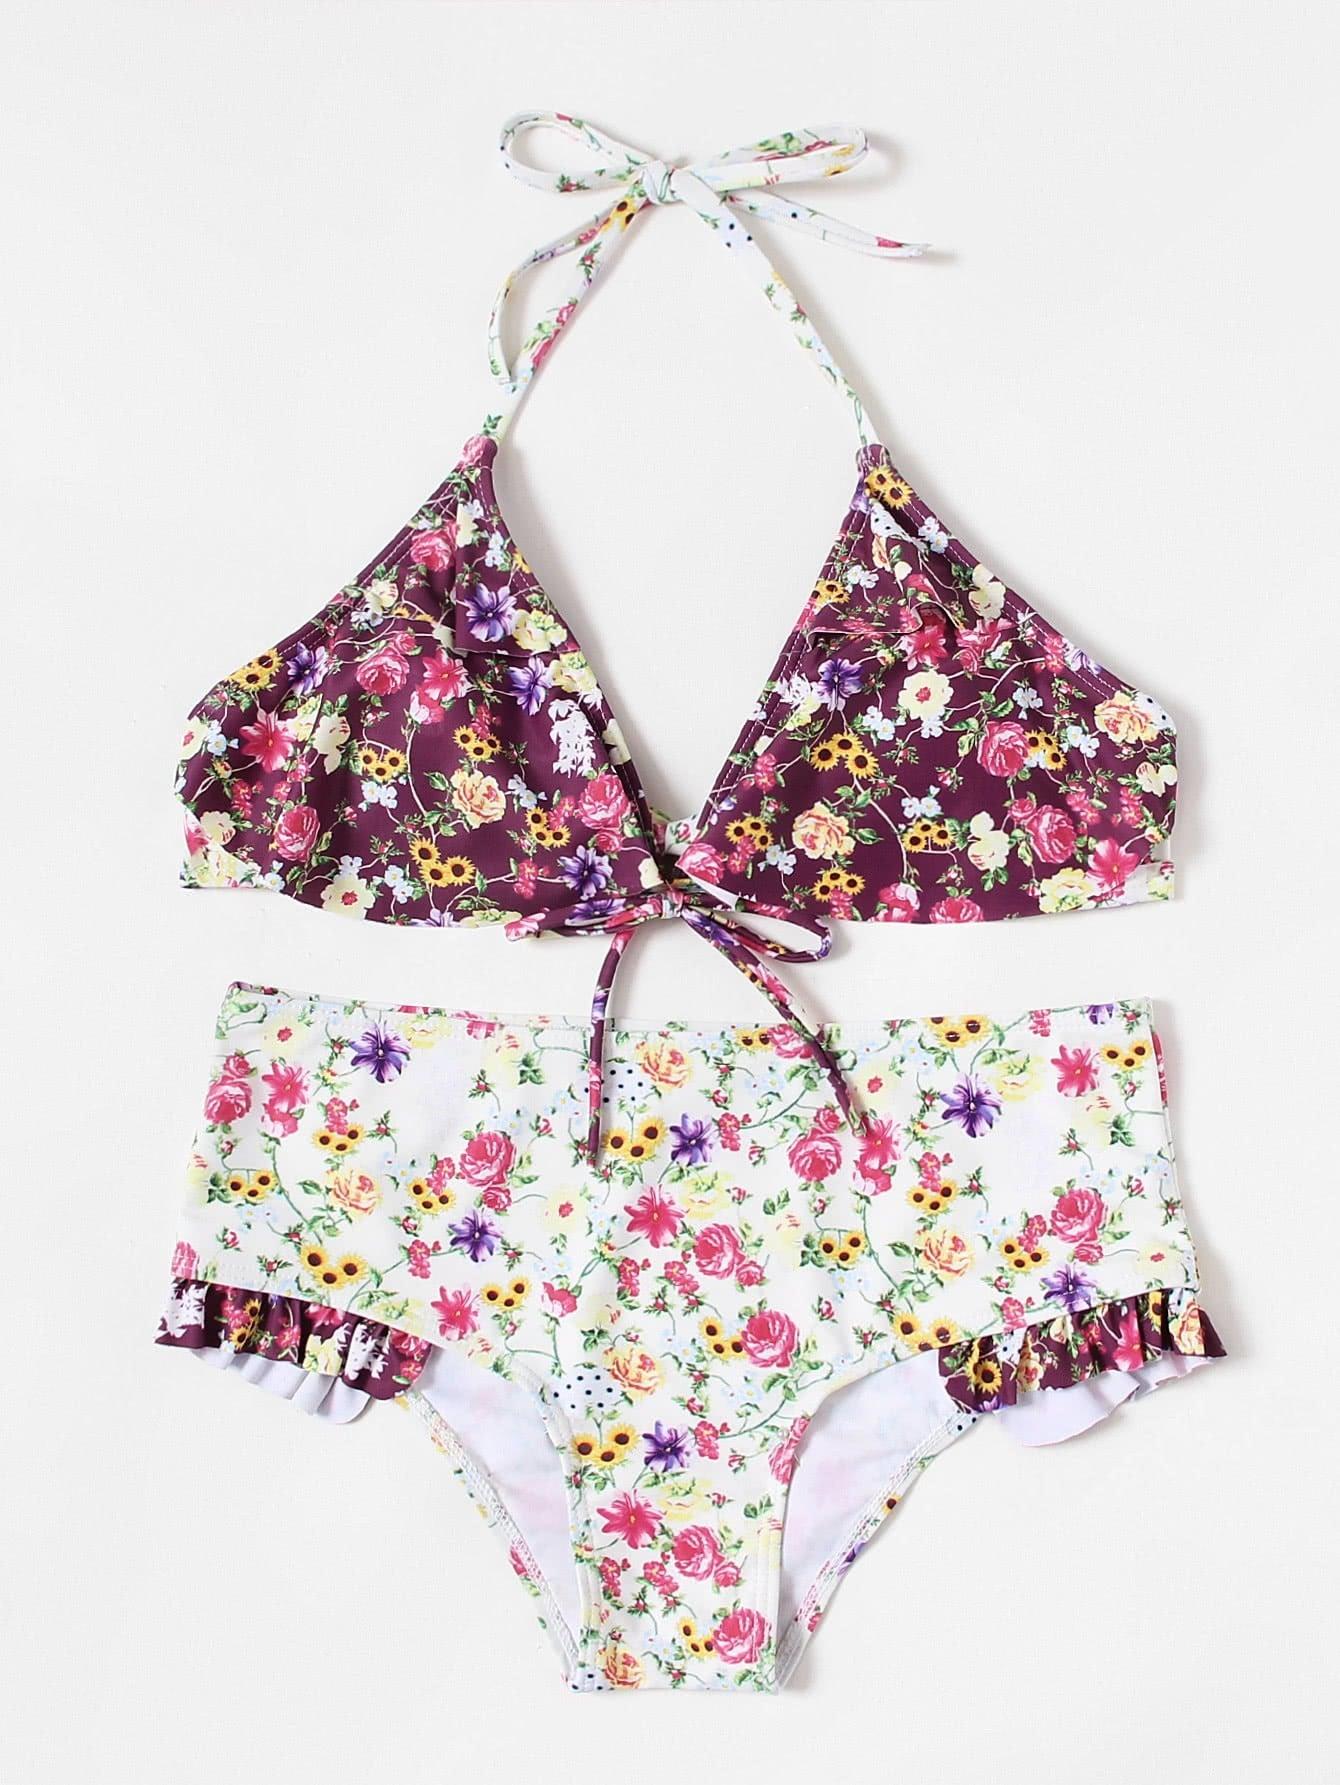 Calico Print Frill Detail Bikini Set цена 2017